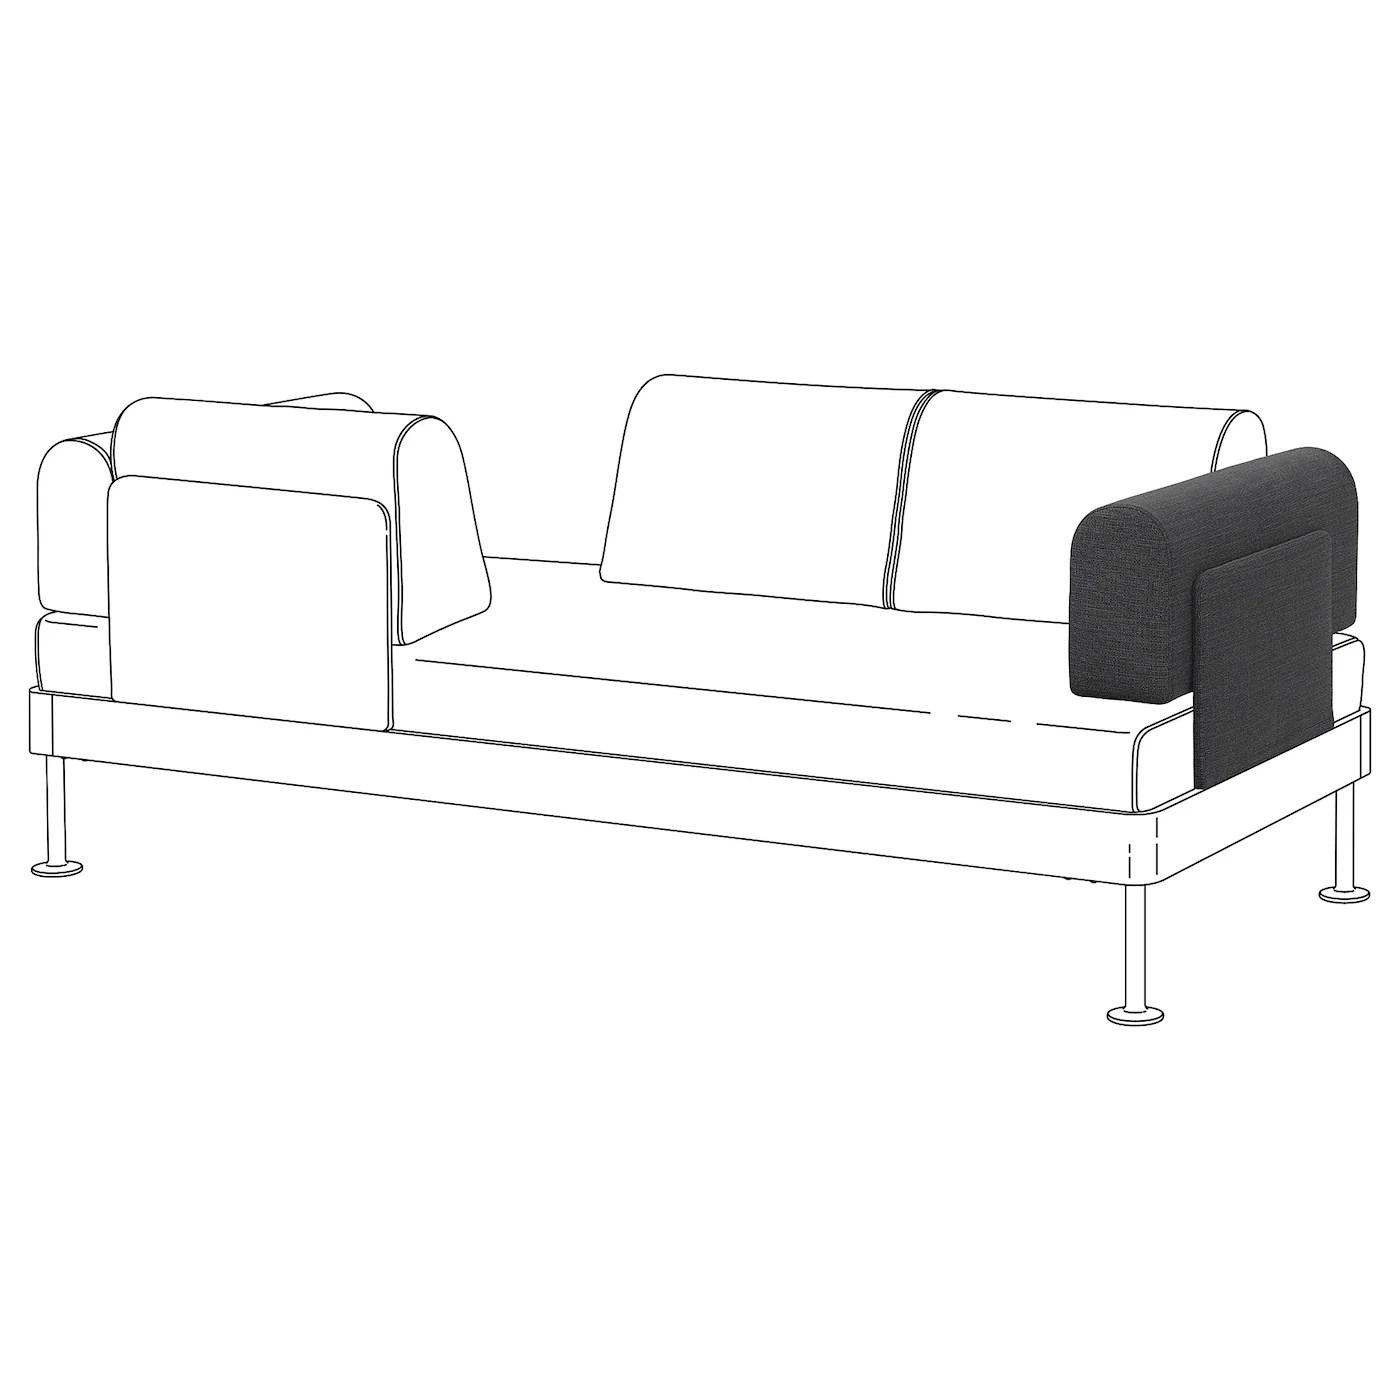 Delaktig Chaise Longue W Side Table And Lamp Tallmyra